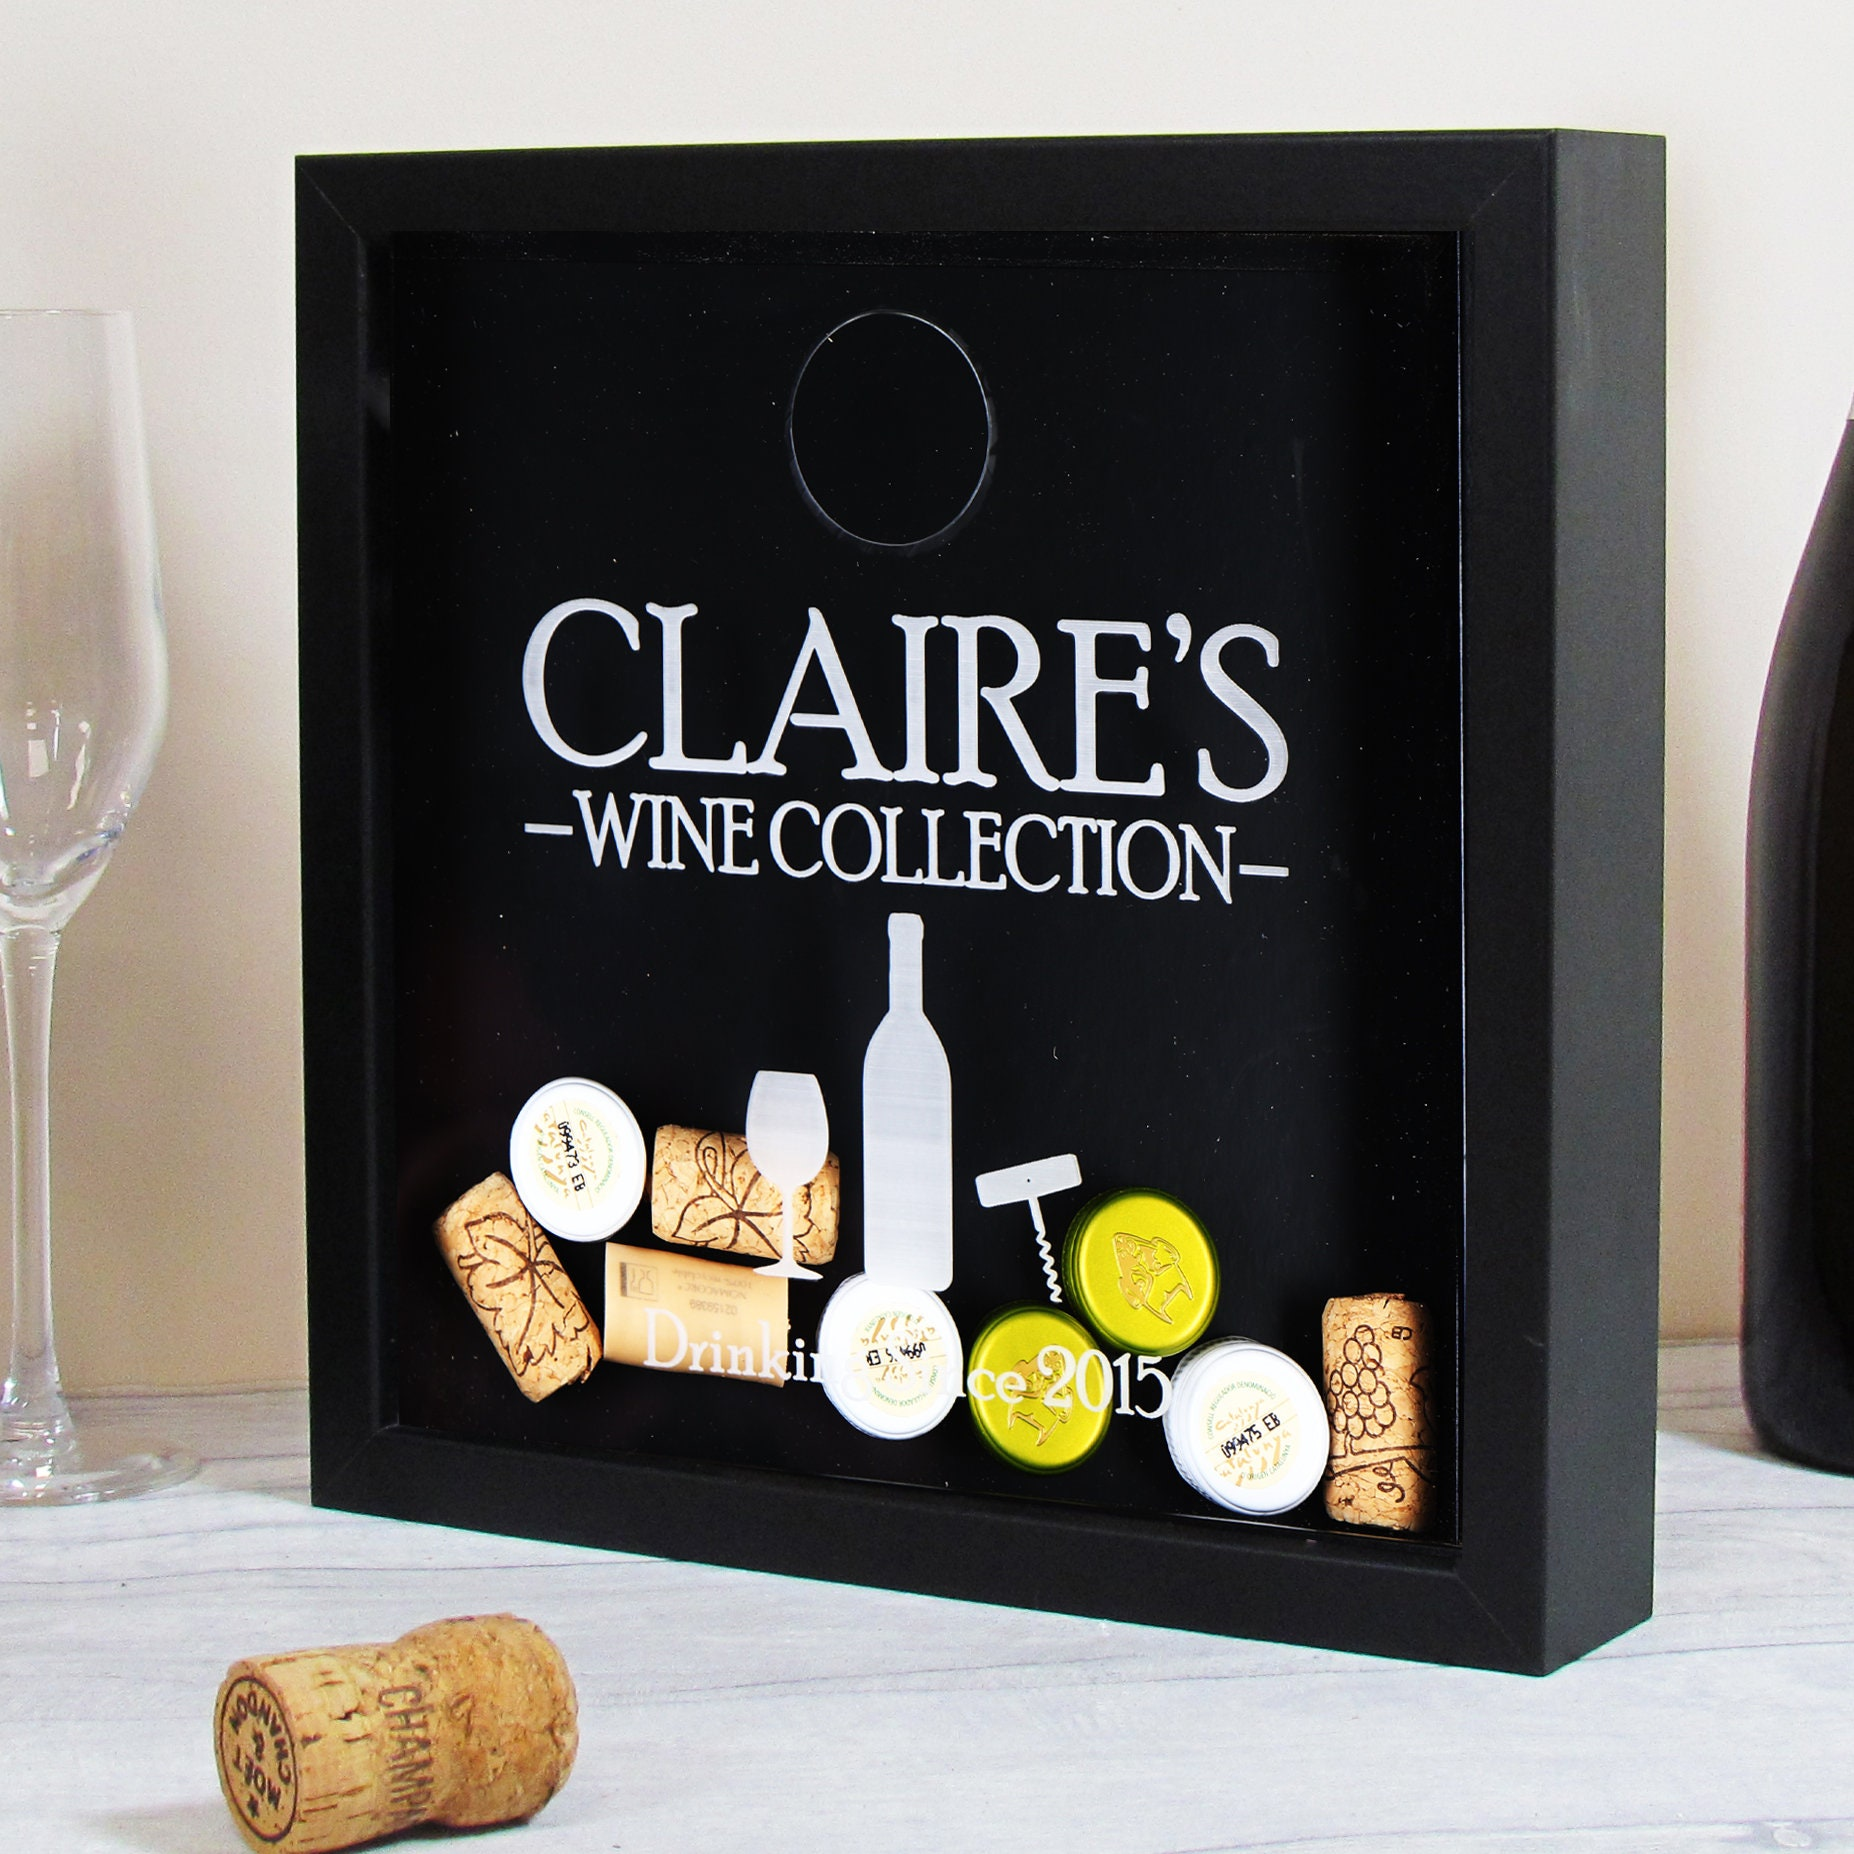 Cork Halter-Wein Shadow Box-Wein Kork Shadow Box